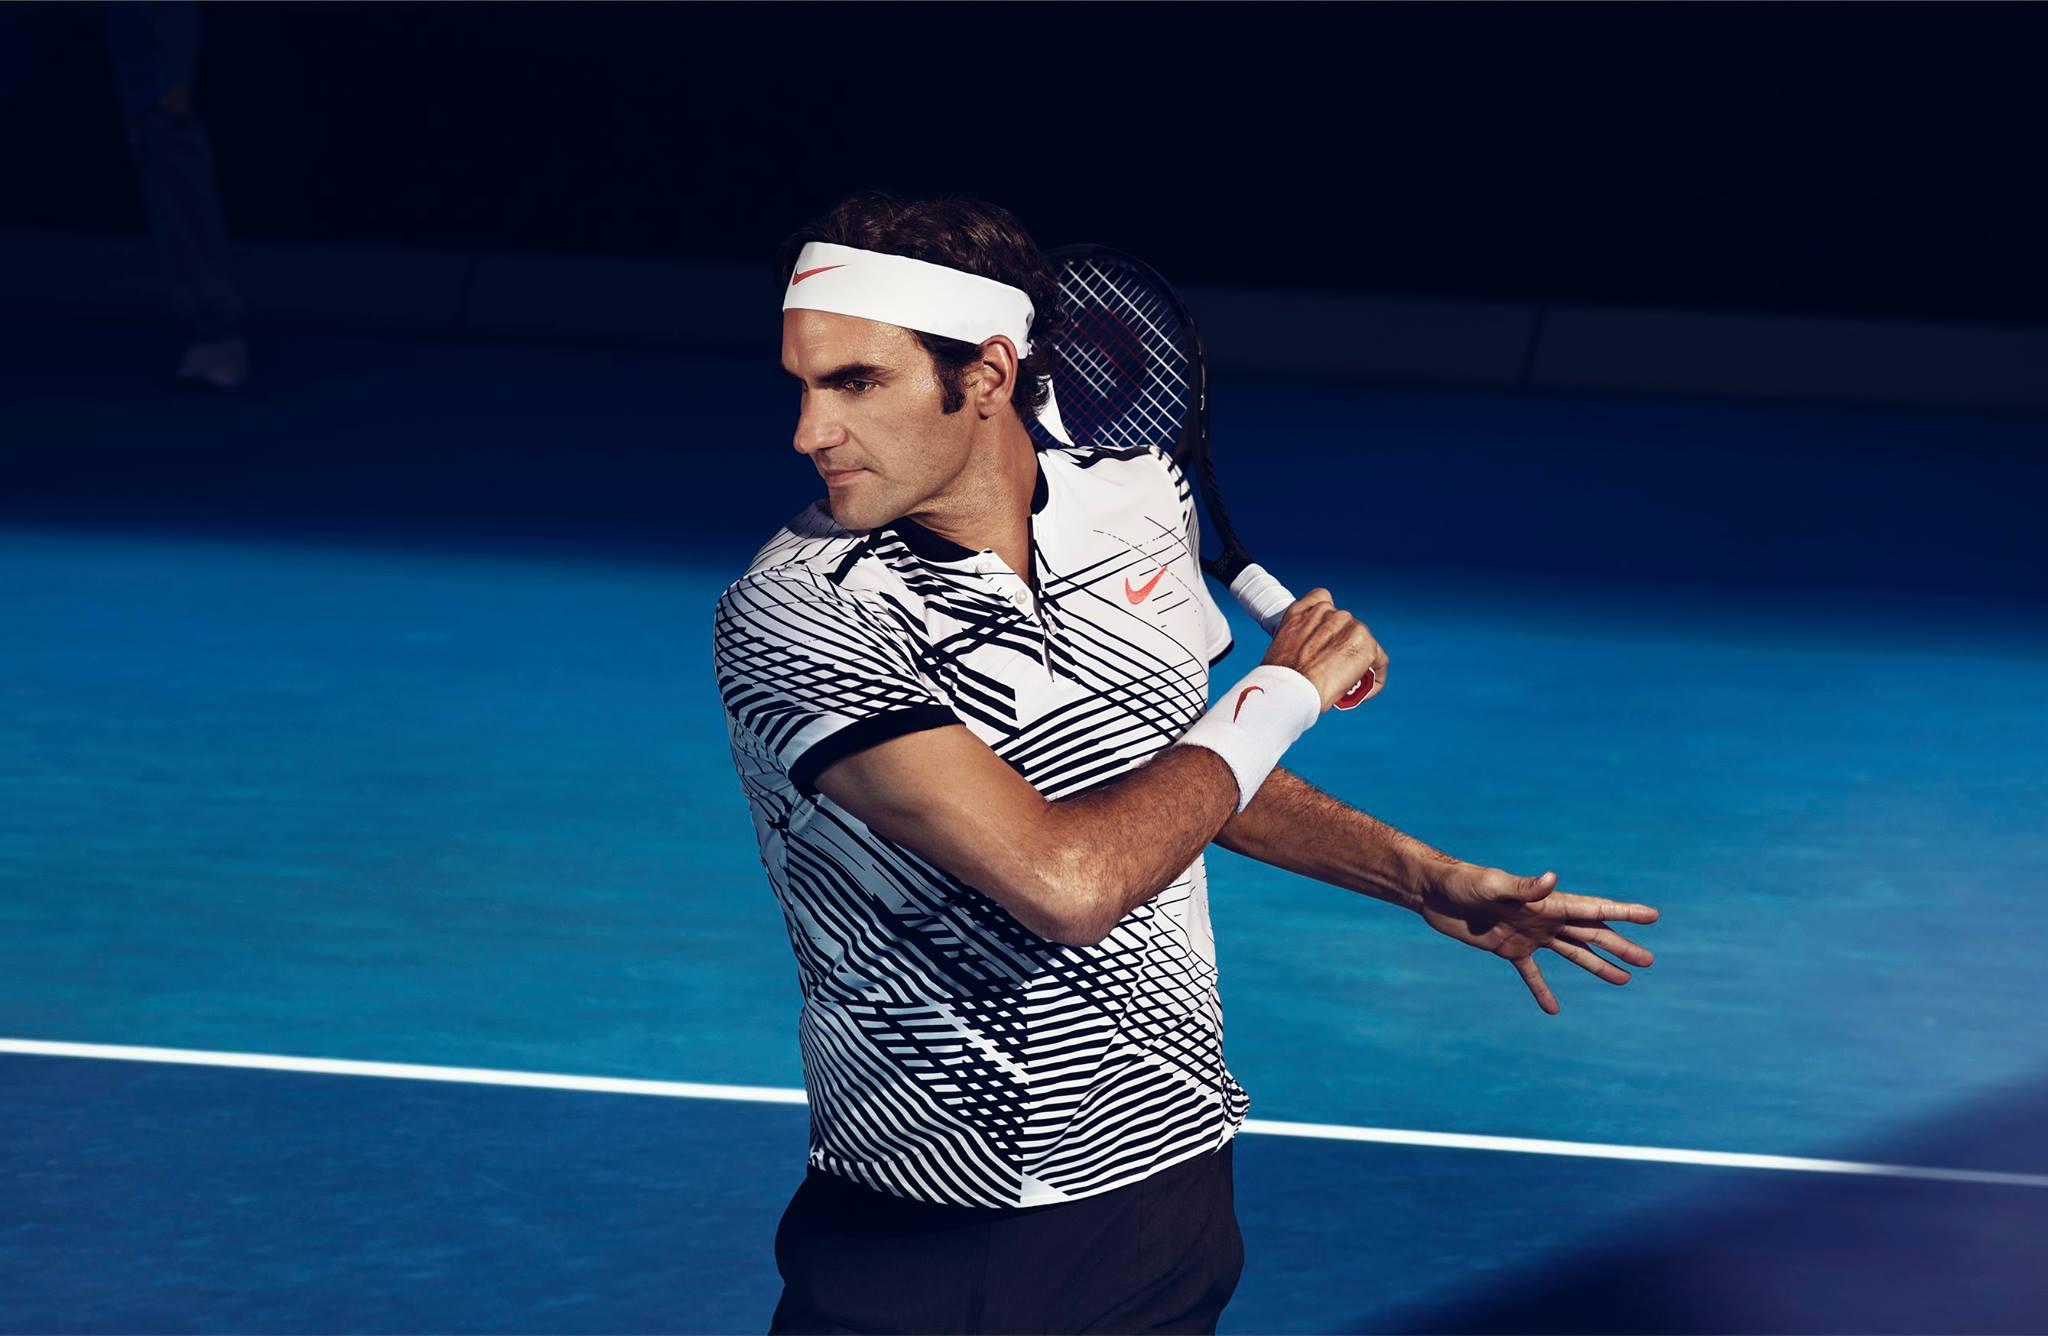 Roger Federer 2017 Australian Open Nike Outfit • FedFan